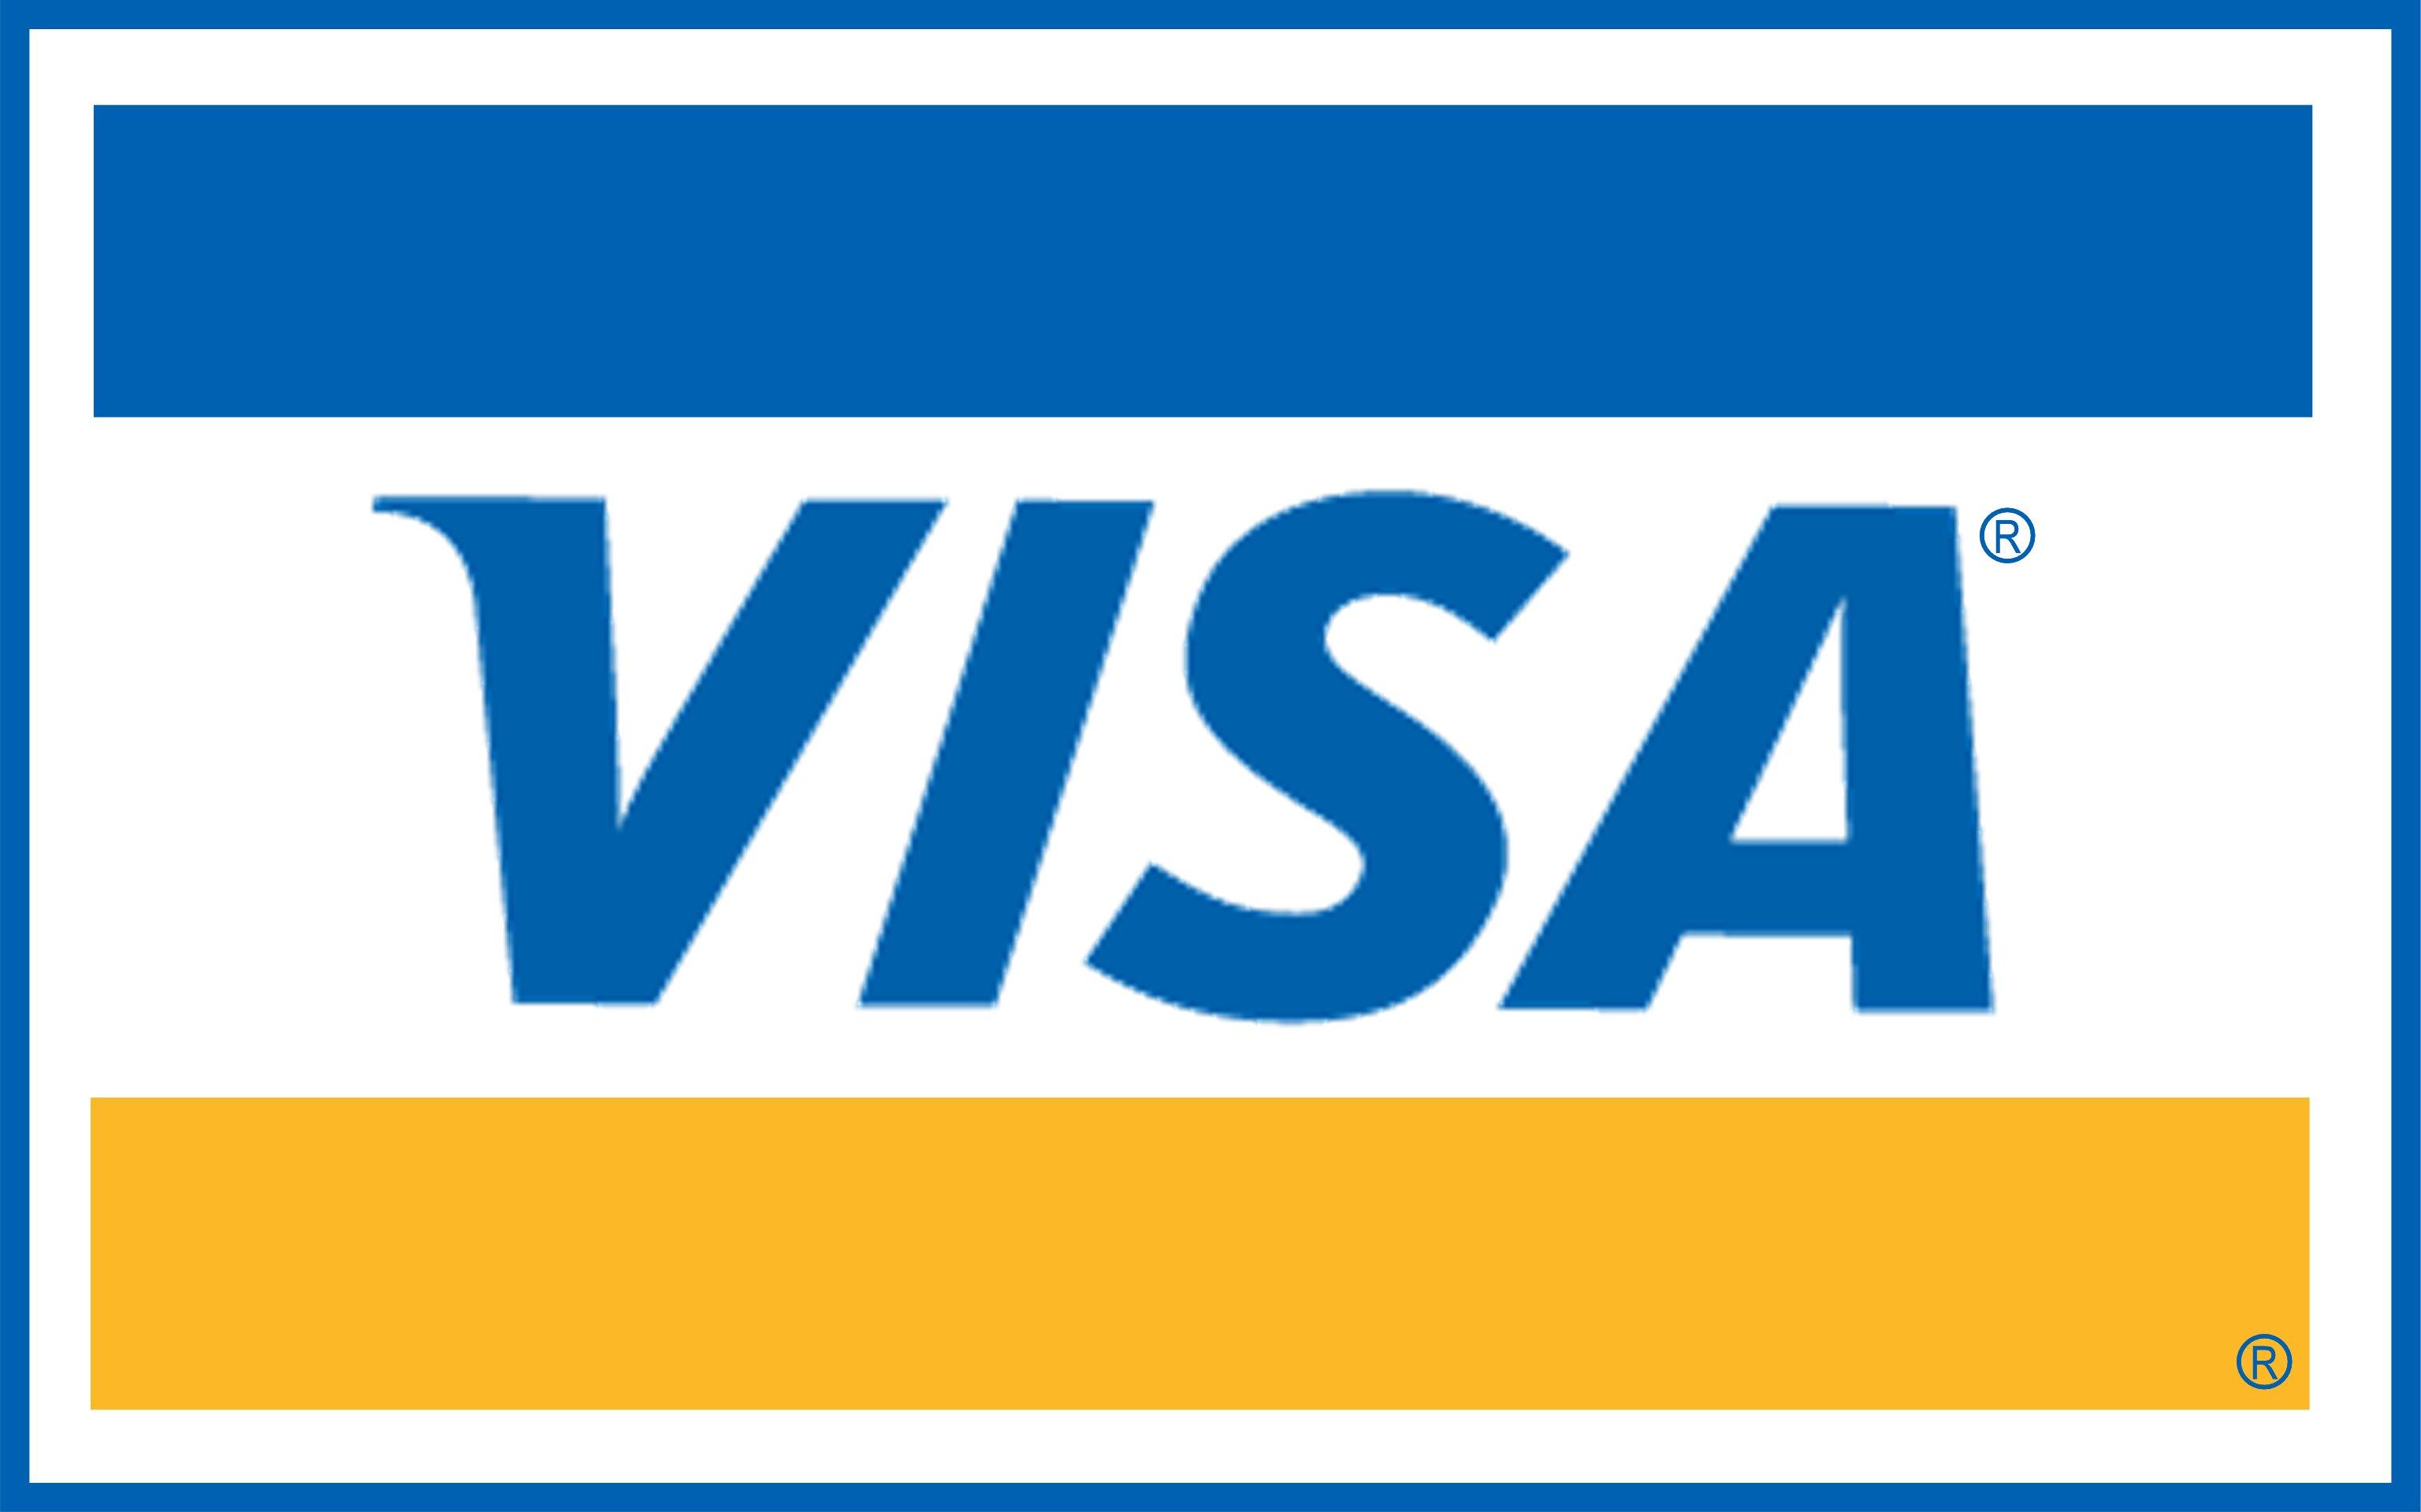 Hướng dẫn cách làm thẻ Visa